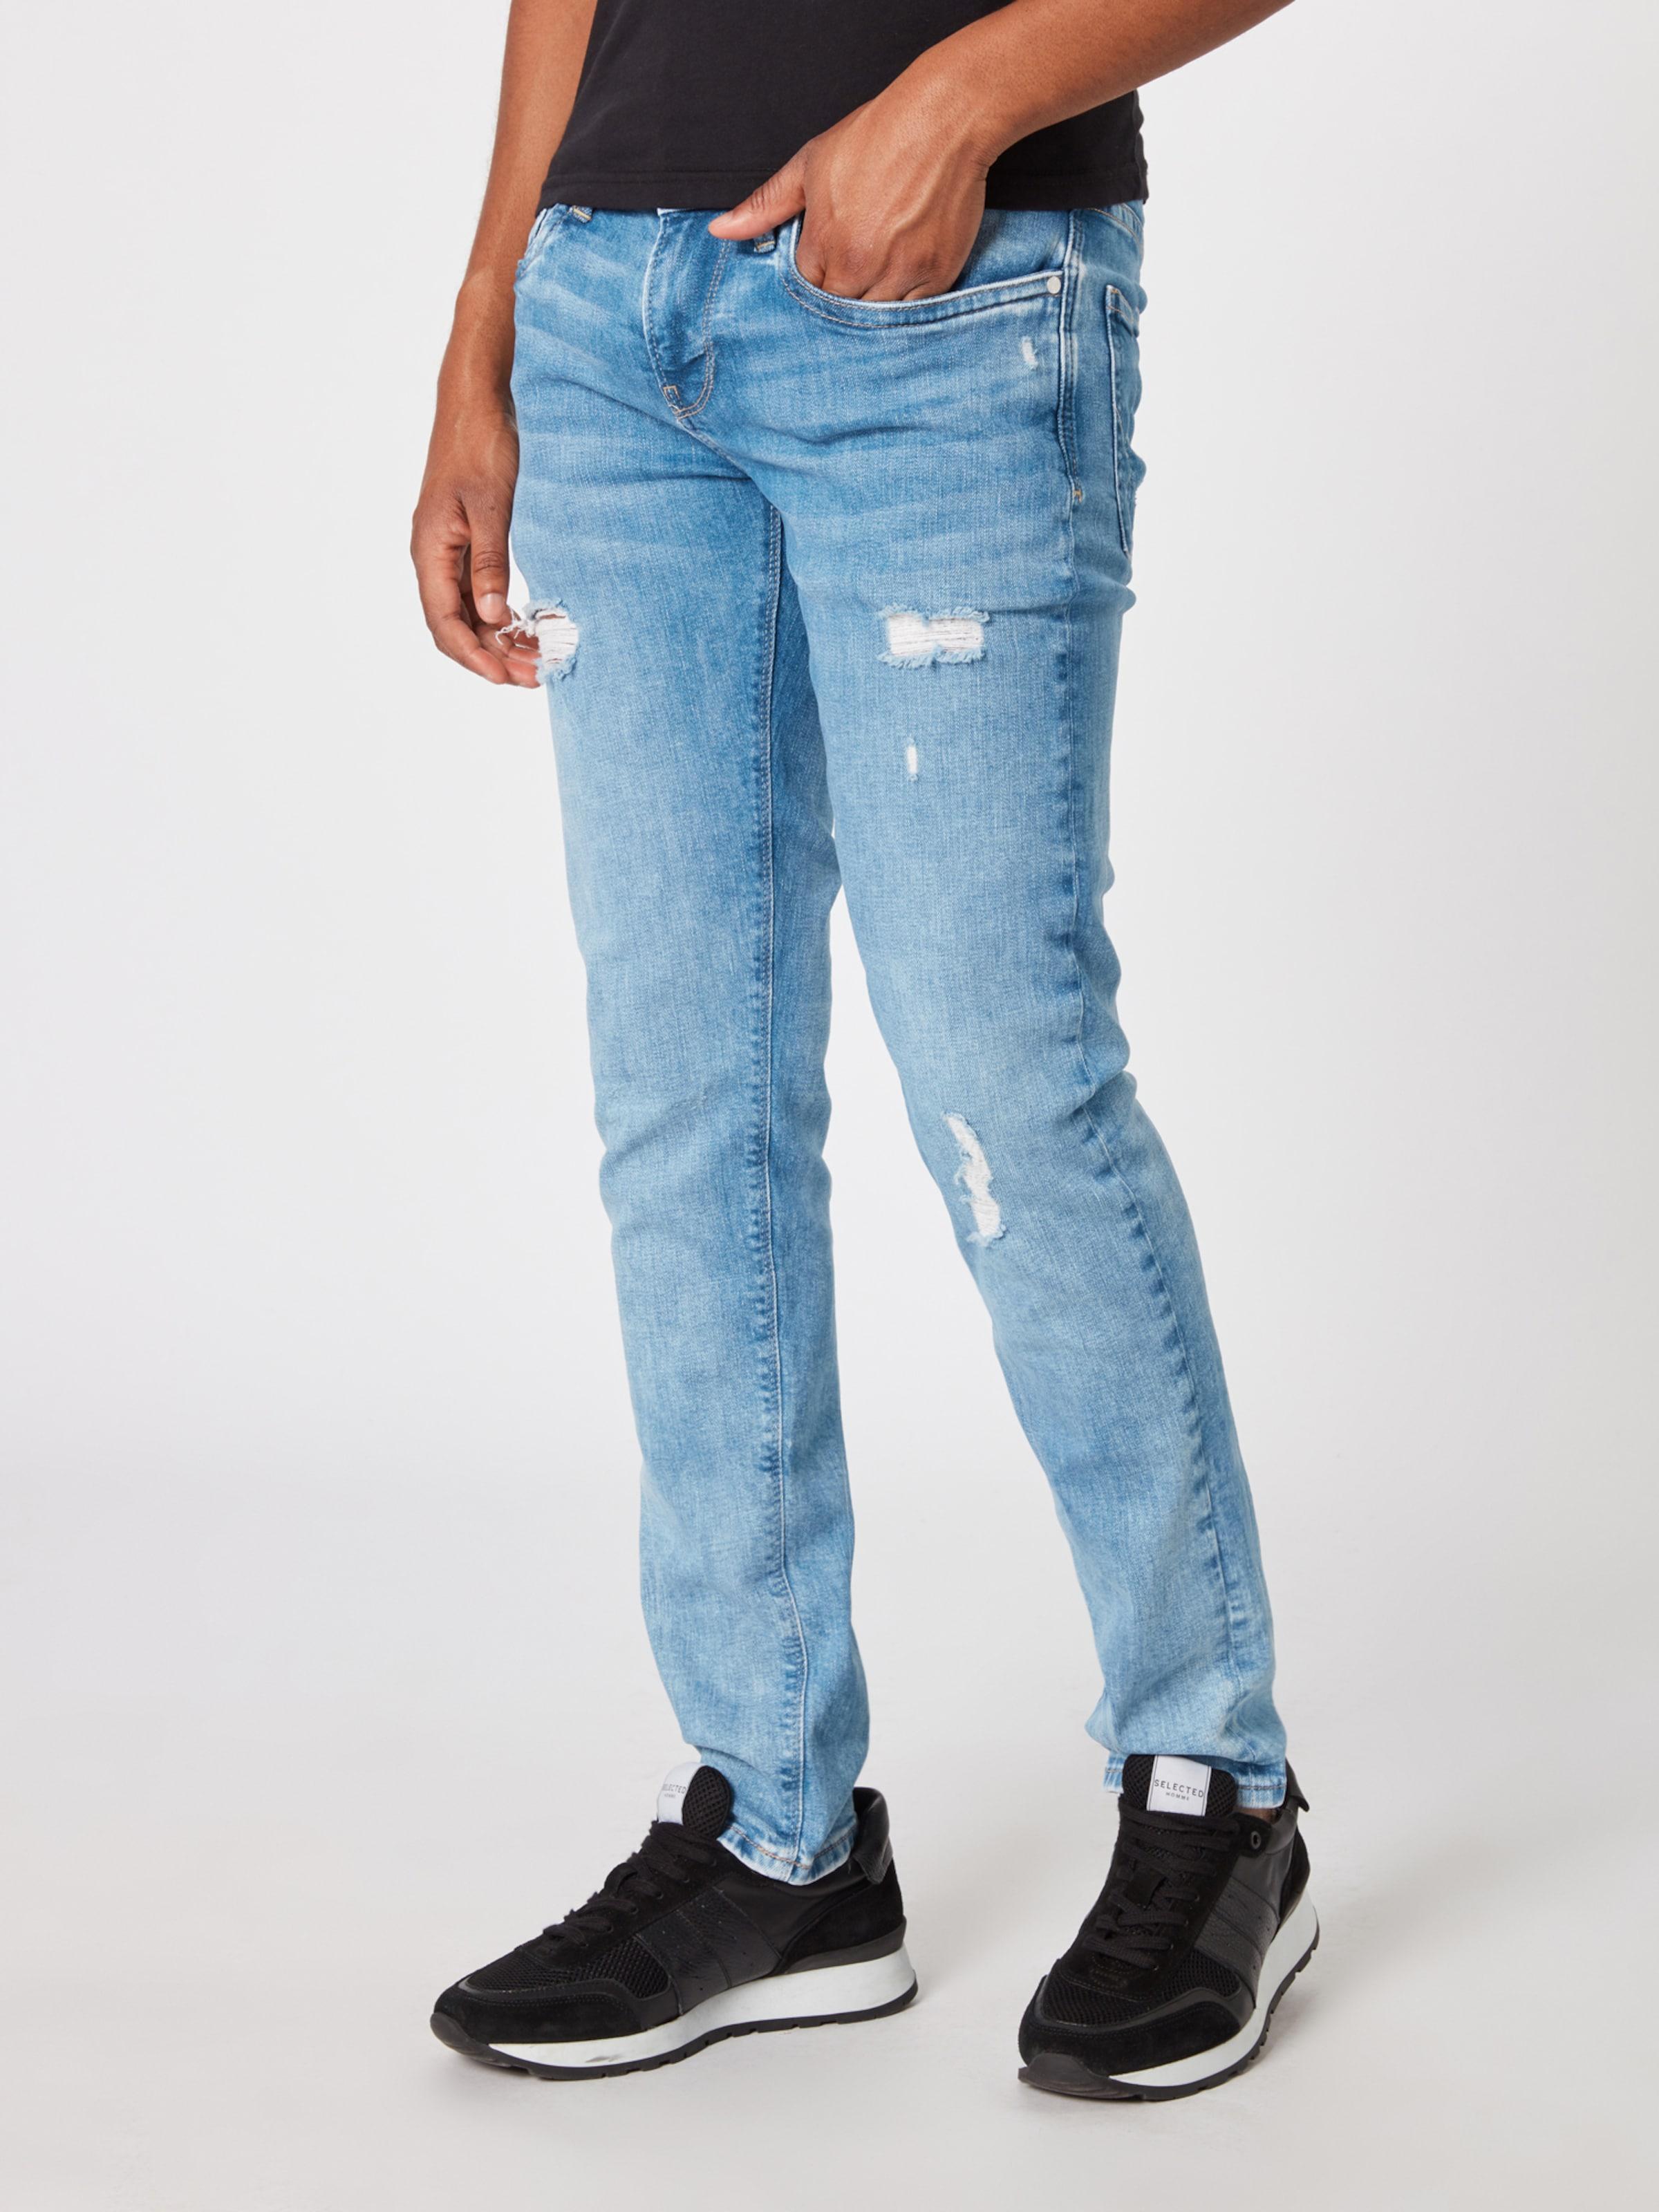 'hatch' Jeans Jean En Pepe Denim Bleu mv0yO8nwN